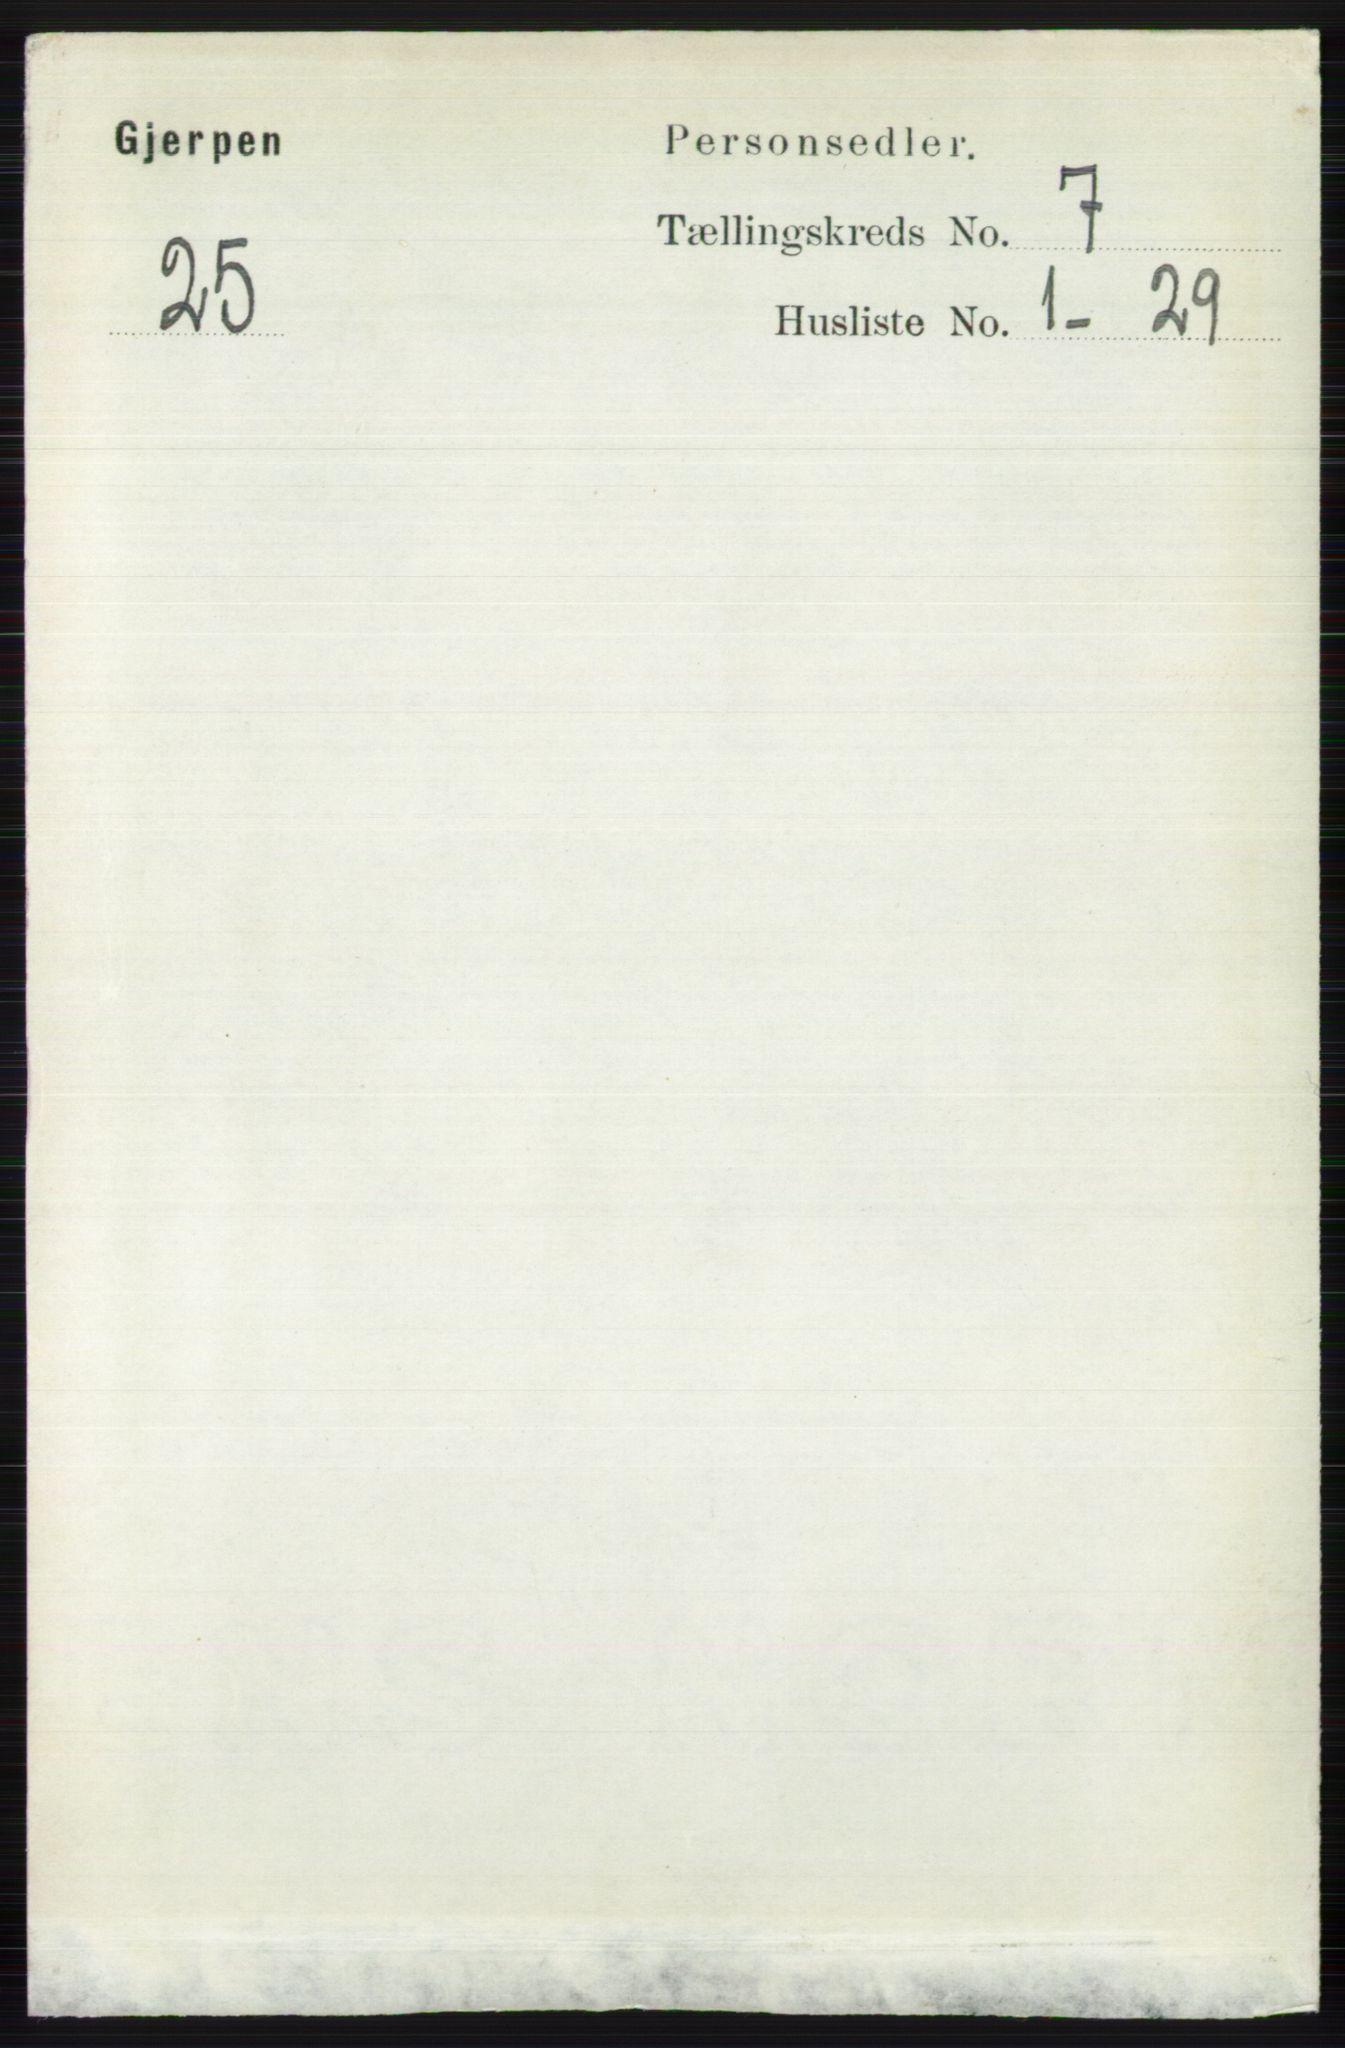 RA, Folketelling 1891 for 0812 Gjerpen herred, 1891, s. 3403